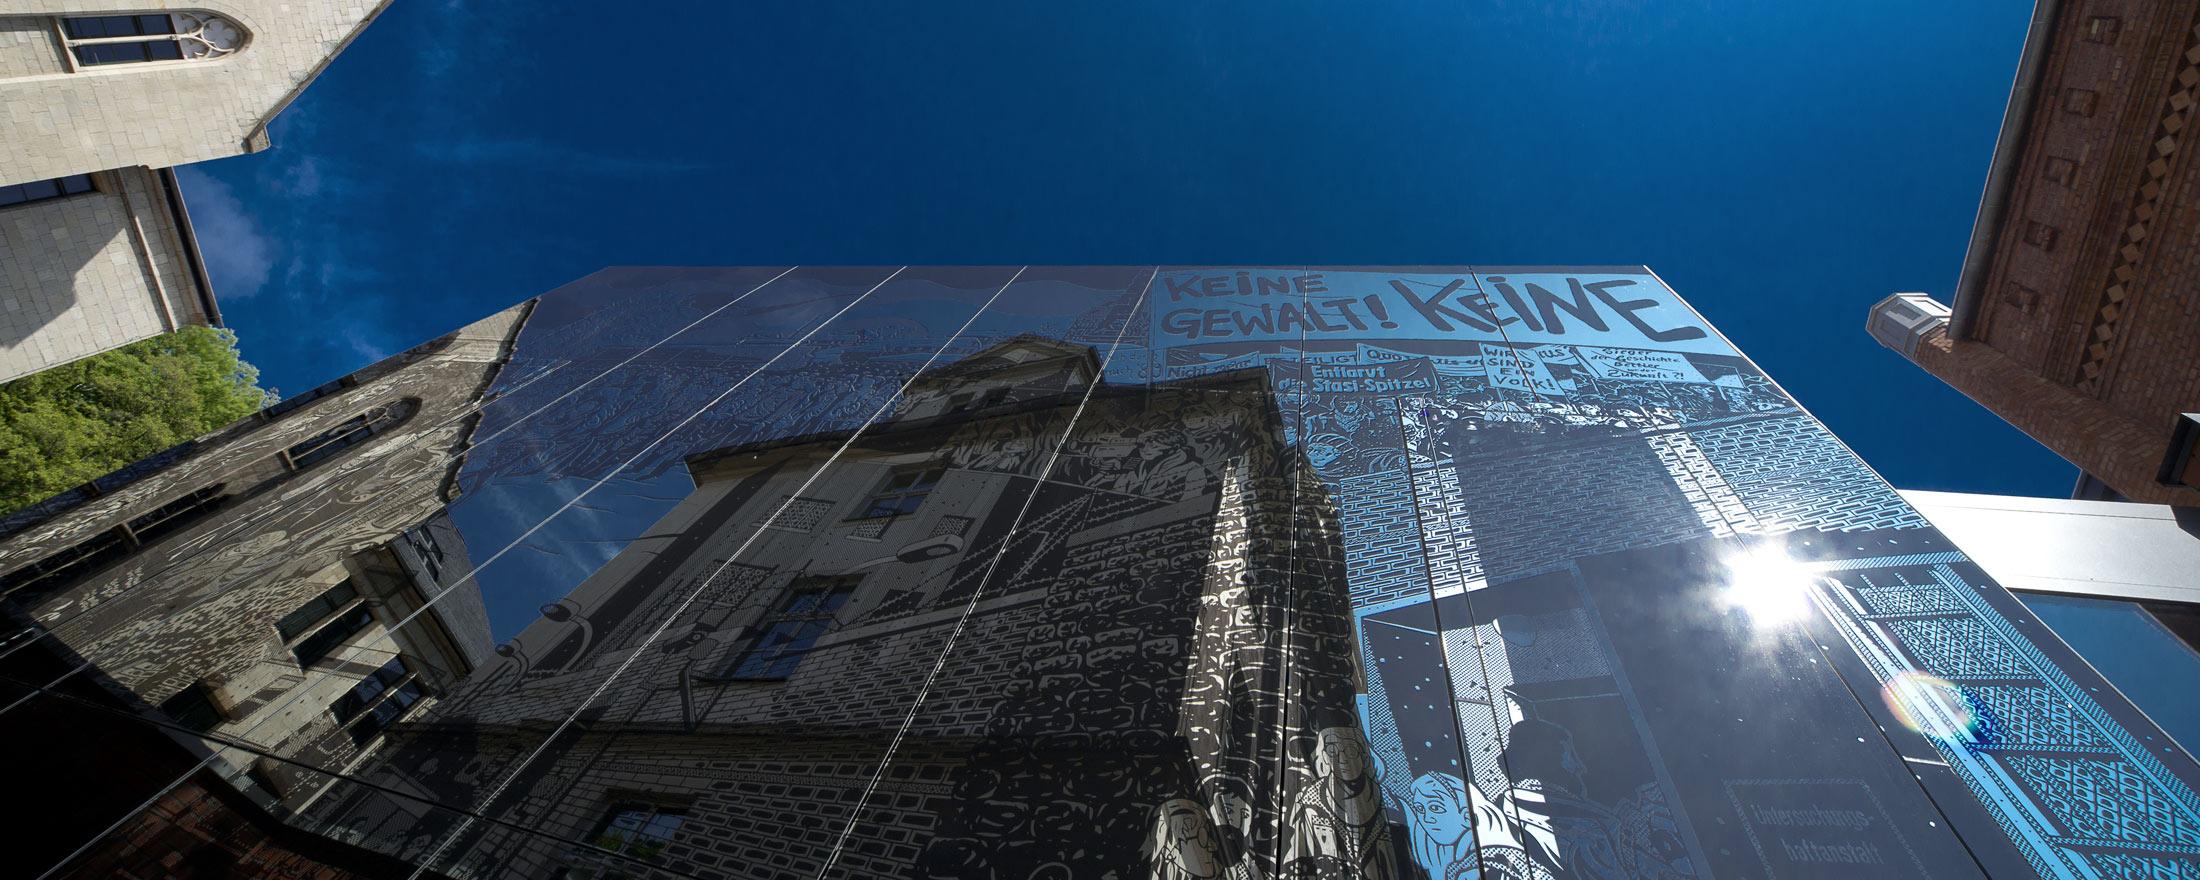 Andreasstrasse Erfurt Spiegelung Fassade